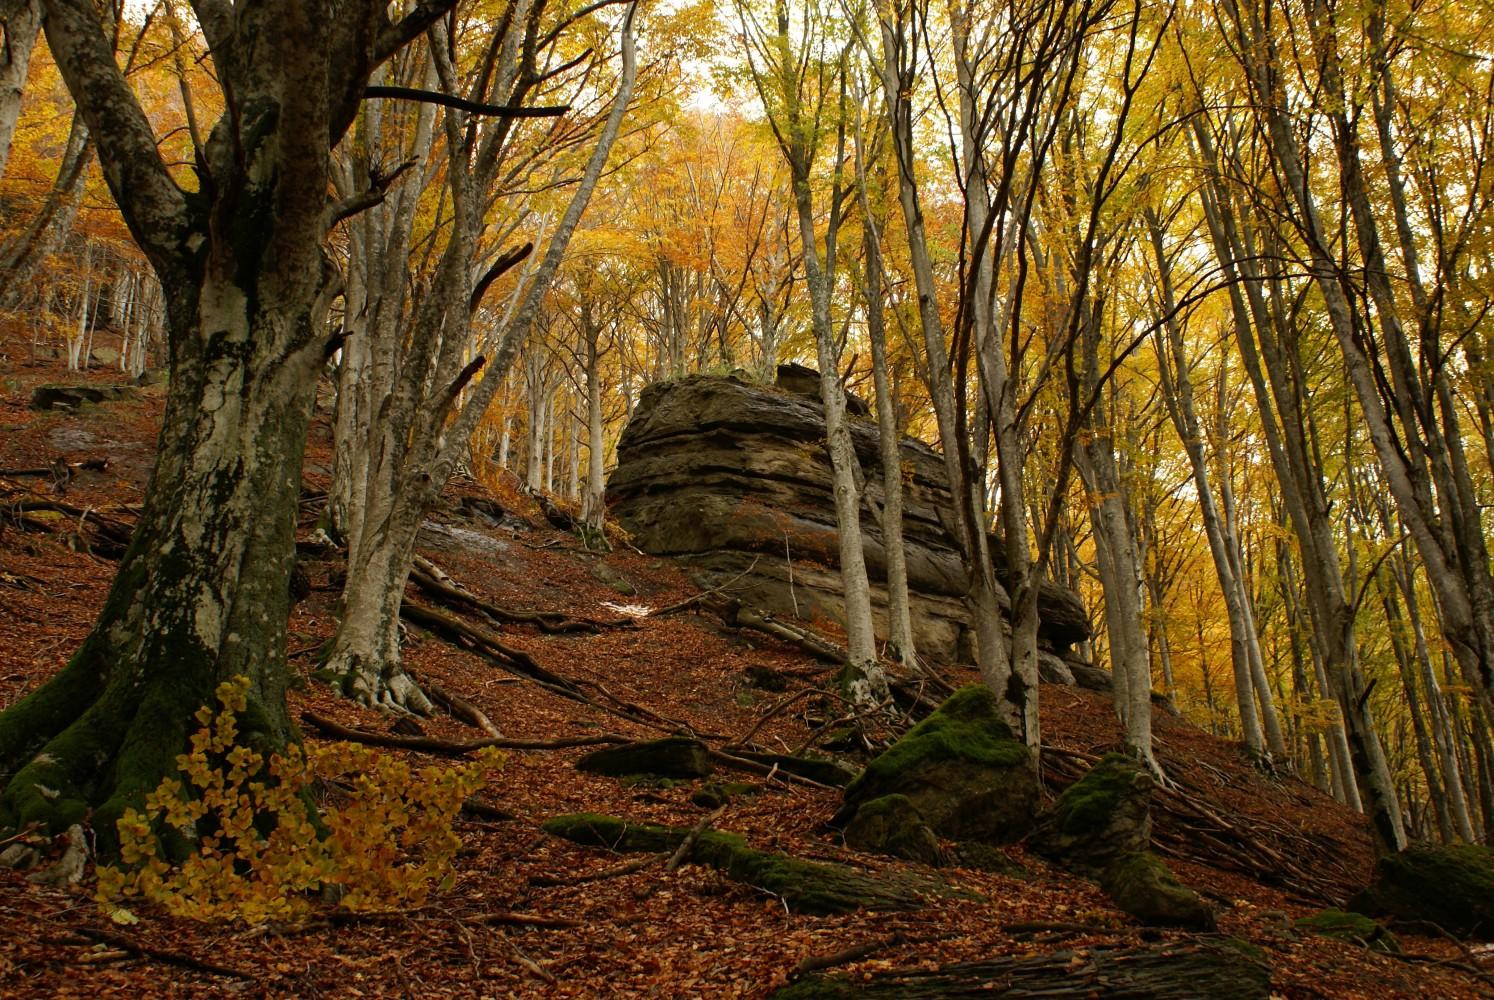 11 patrimoni UNESCO dell'Emilia Romagna faggete vetuste parco foreste casentinesi - sasso fratino